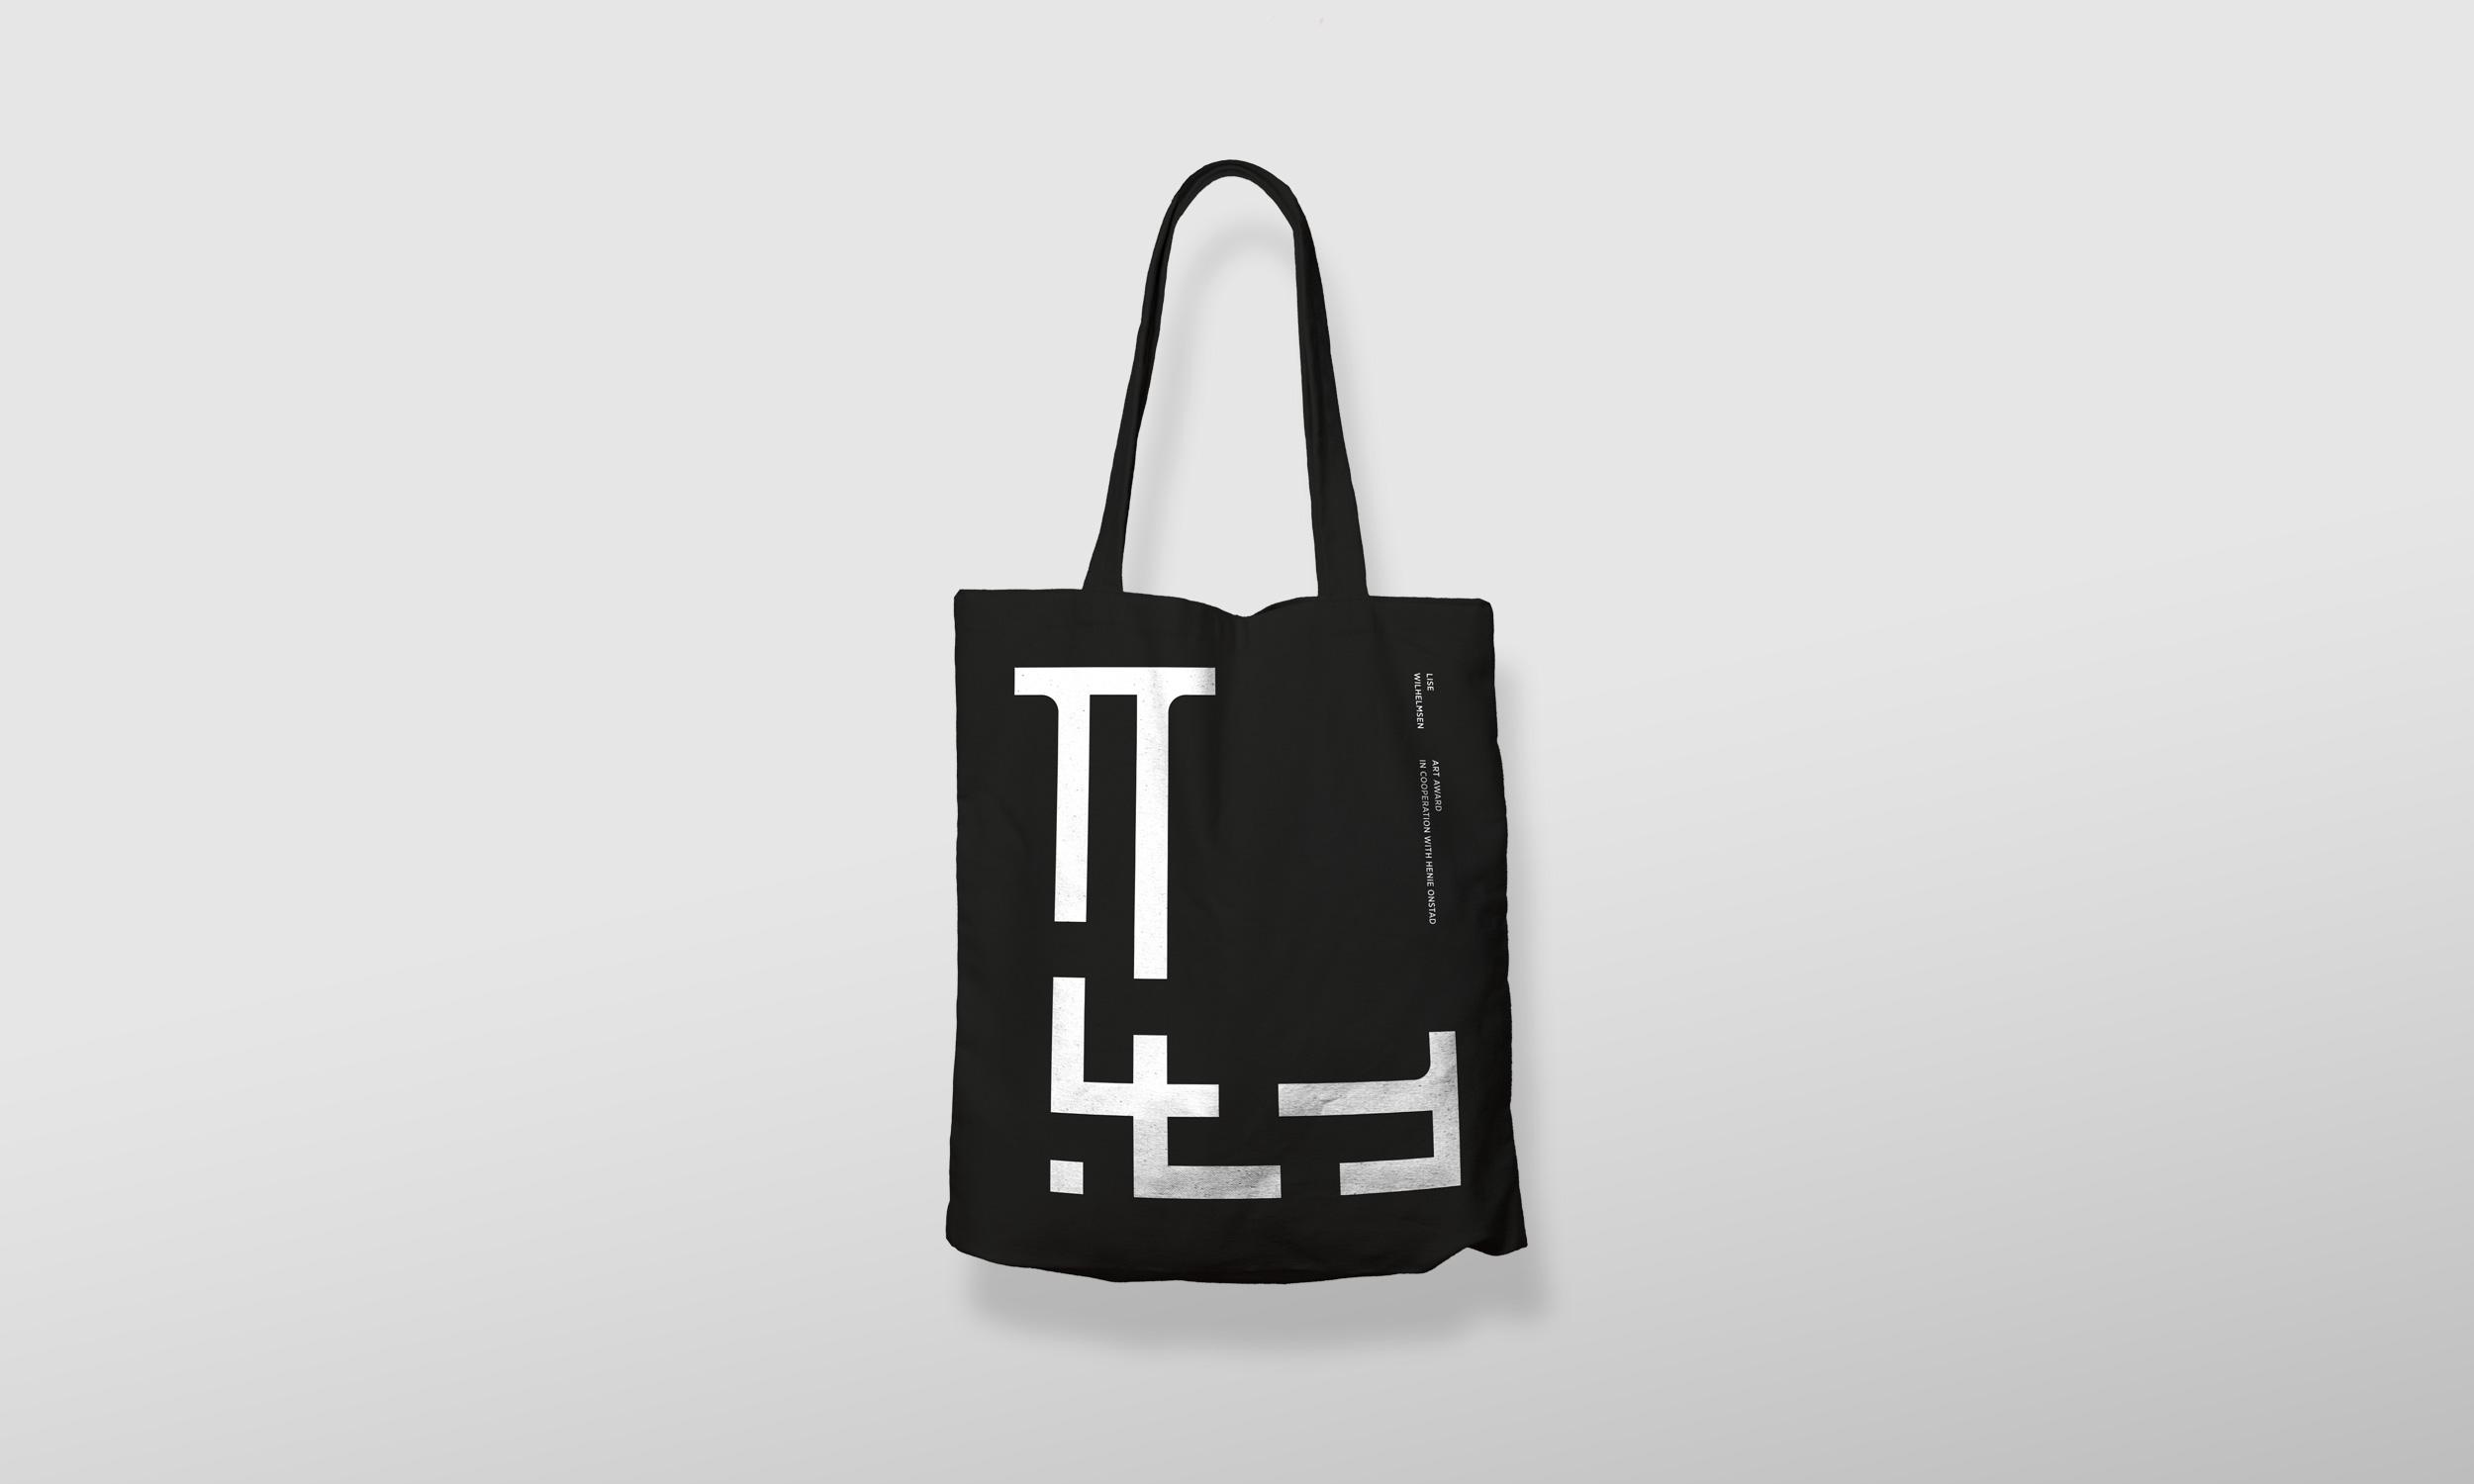 Lise Wilhelmsen Art Award tote bag, designed by SBDS